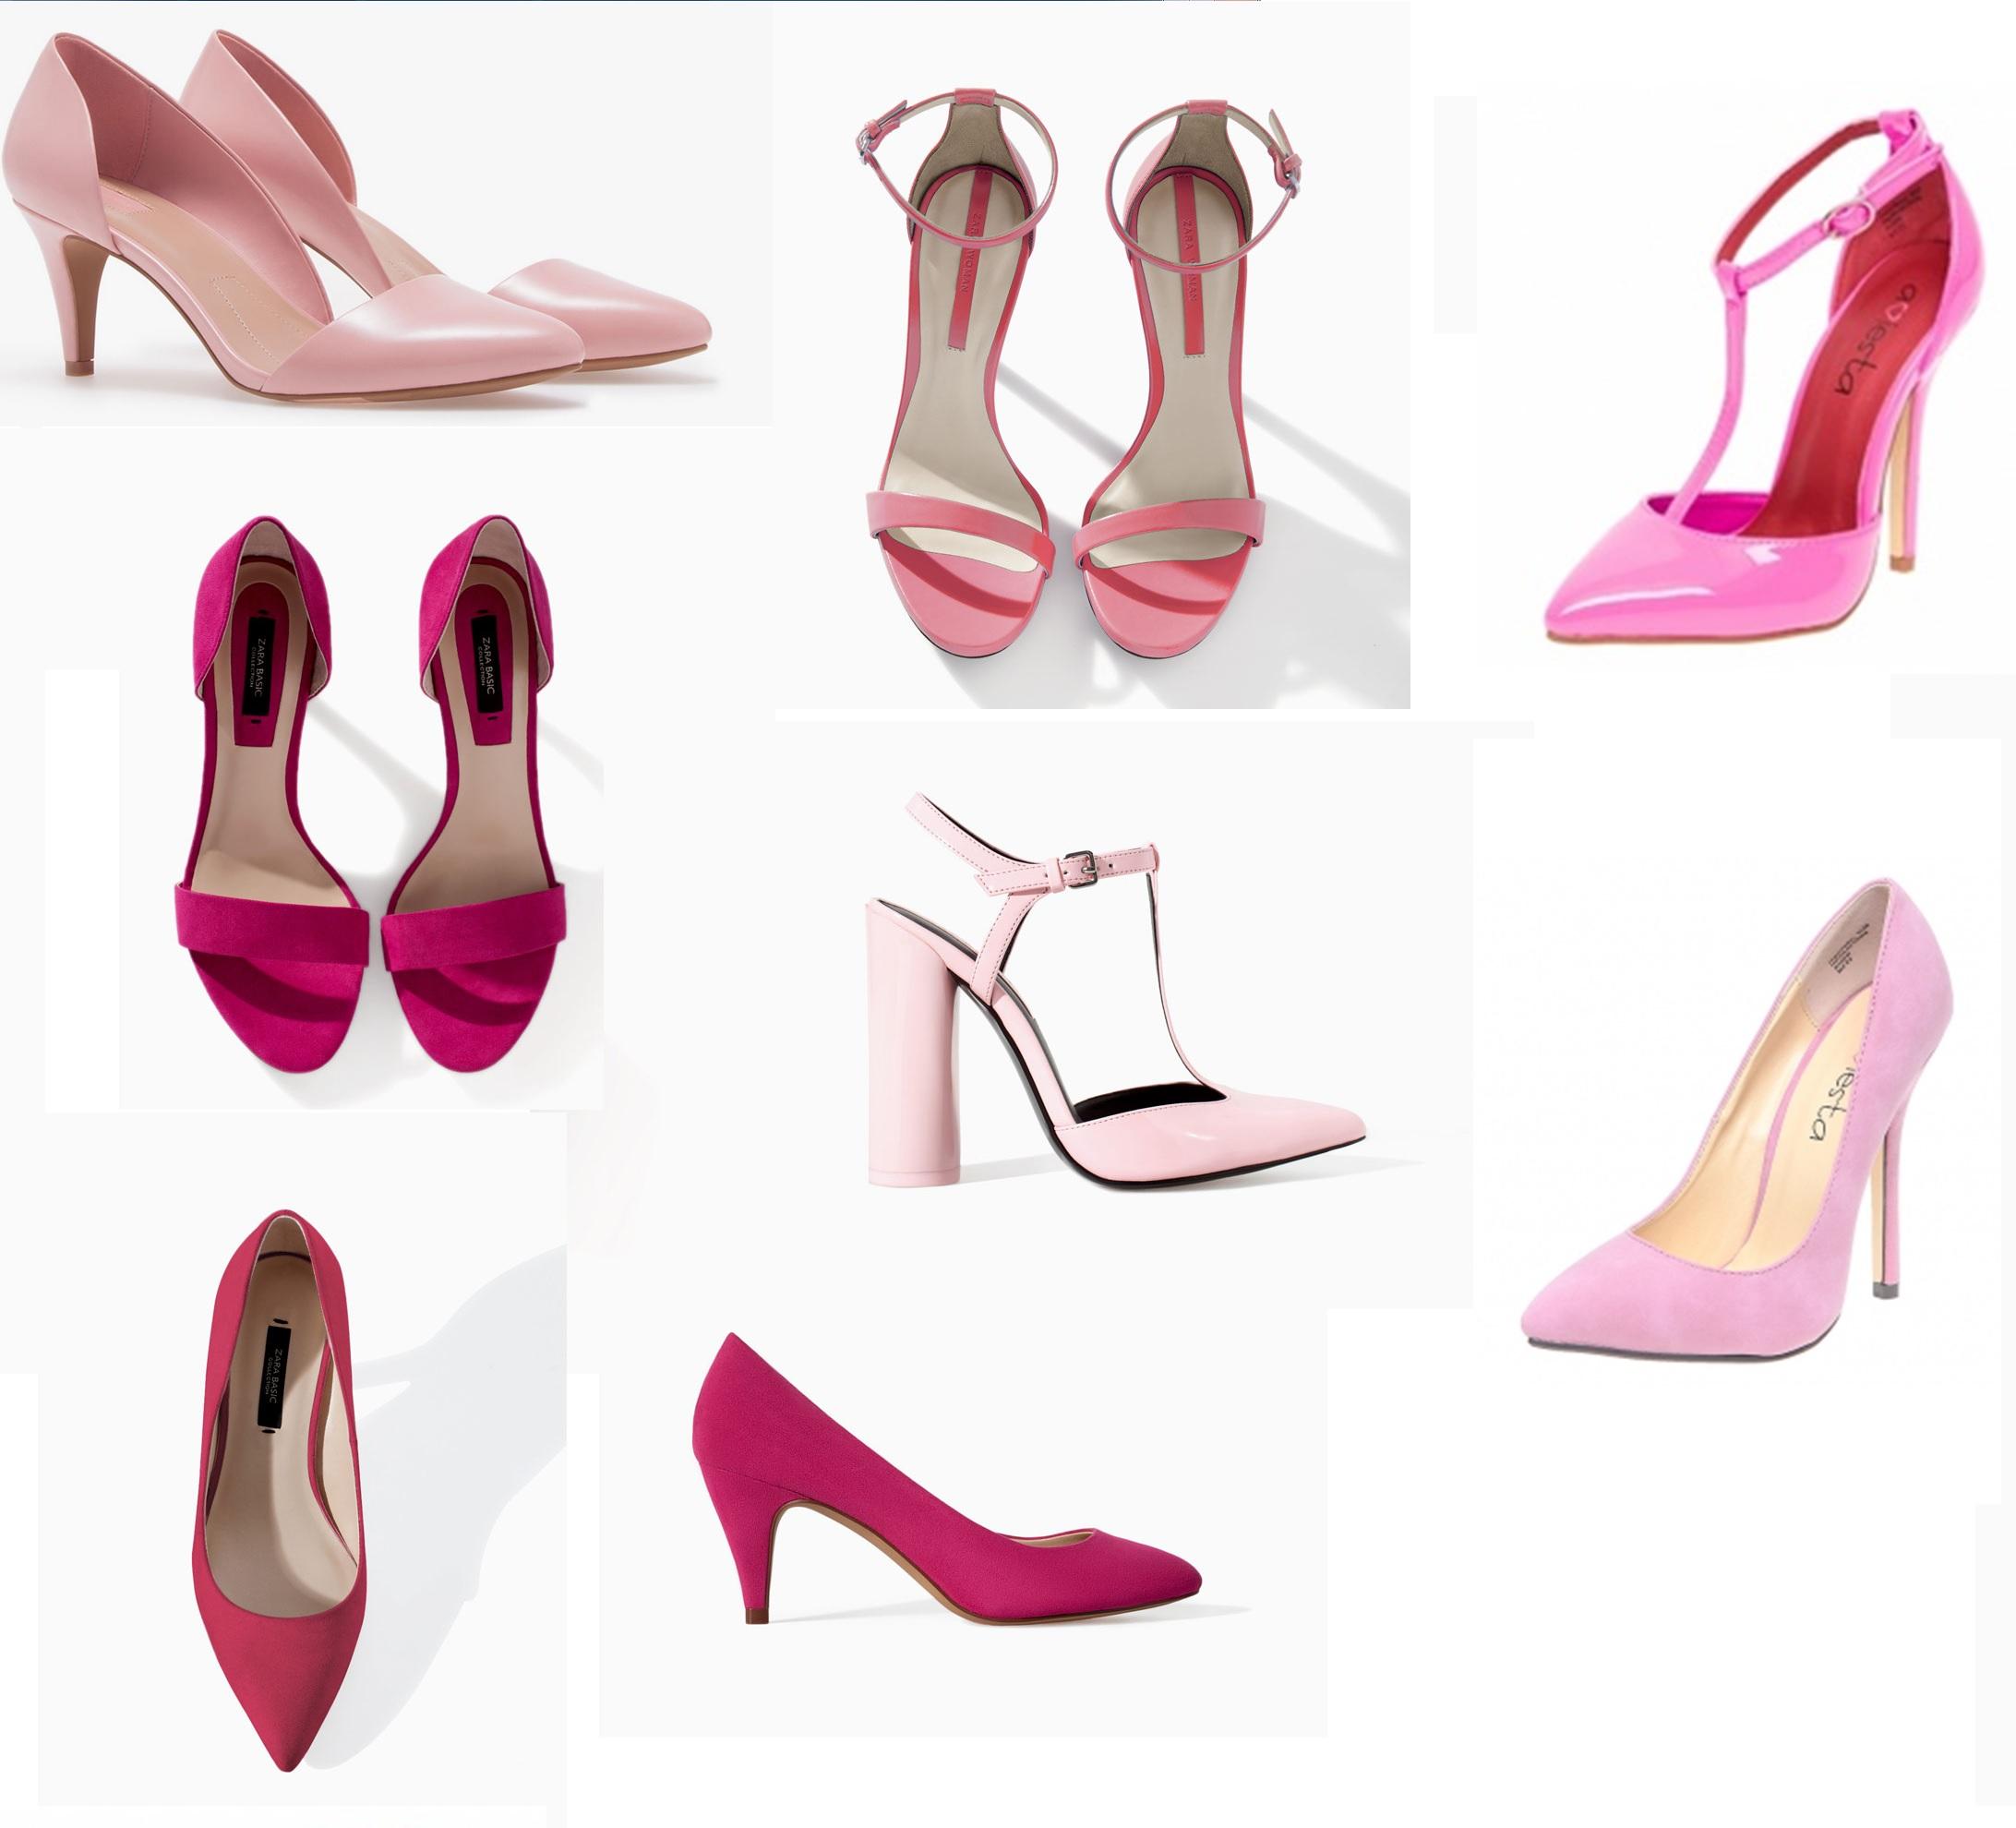 Toda Gusto Zapatos MujerAgave RosaEl De Culposo Puro PuOXikZT